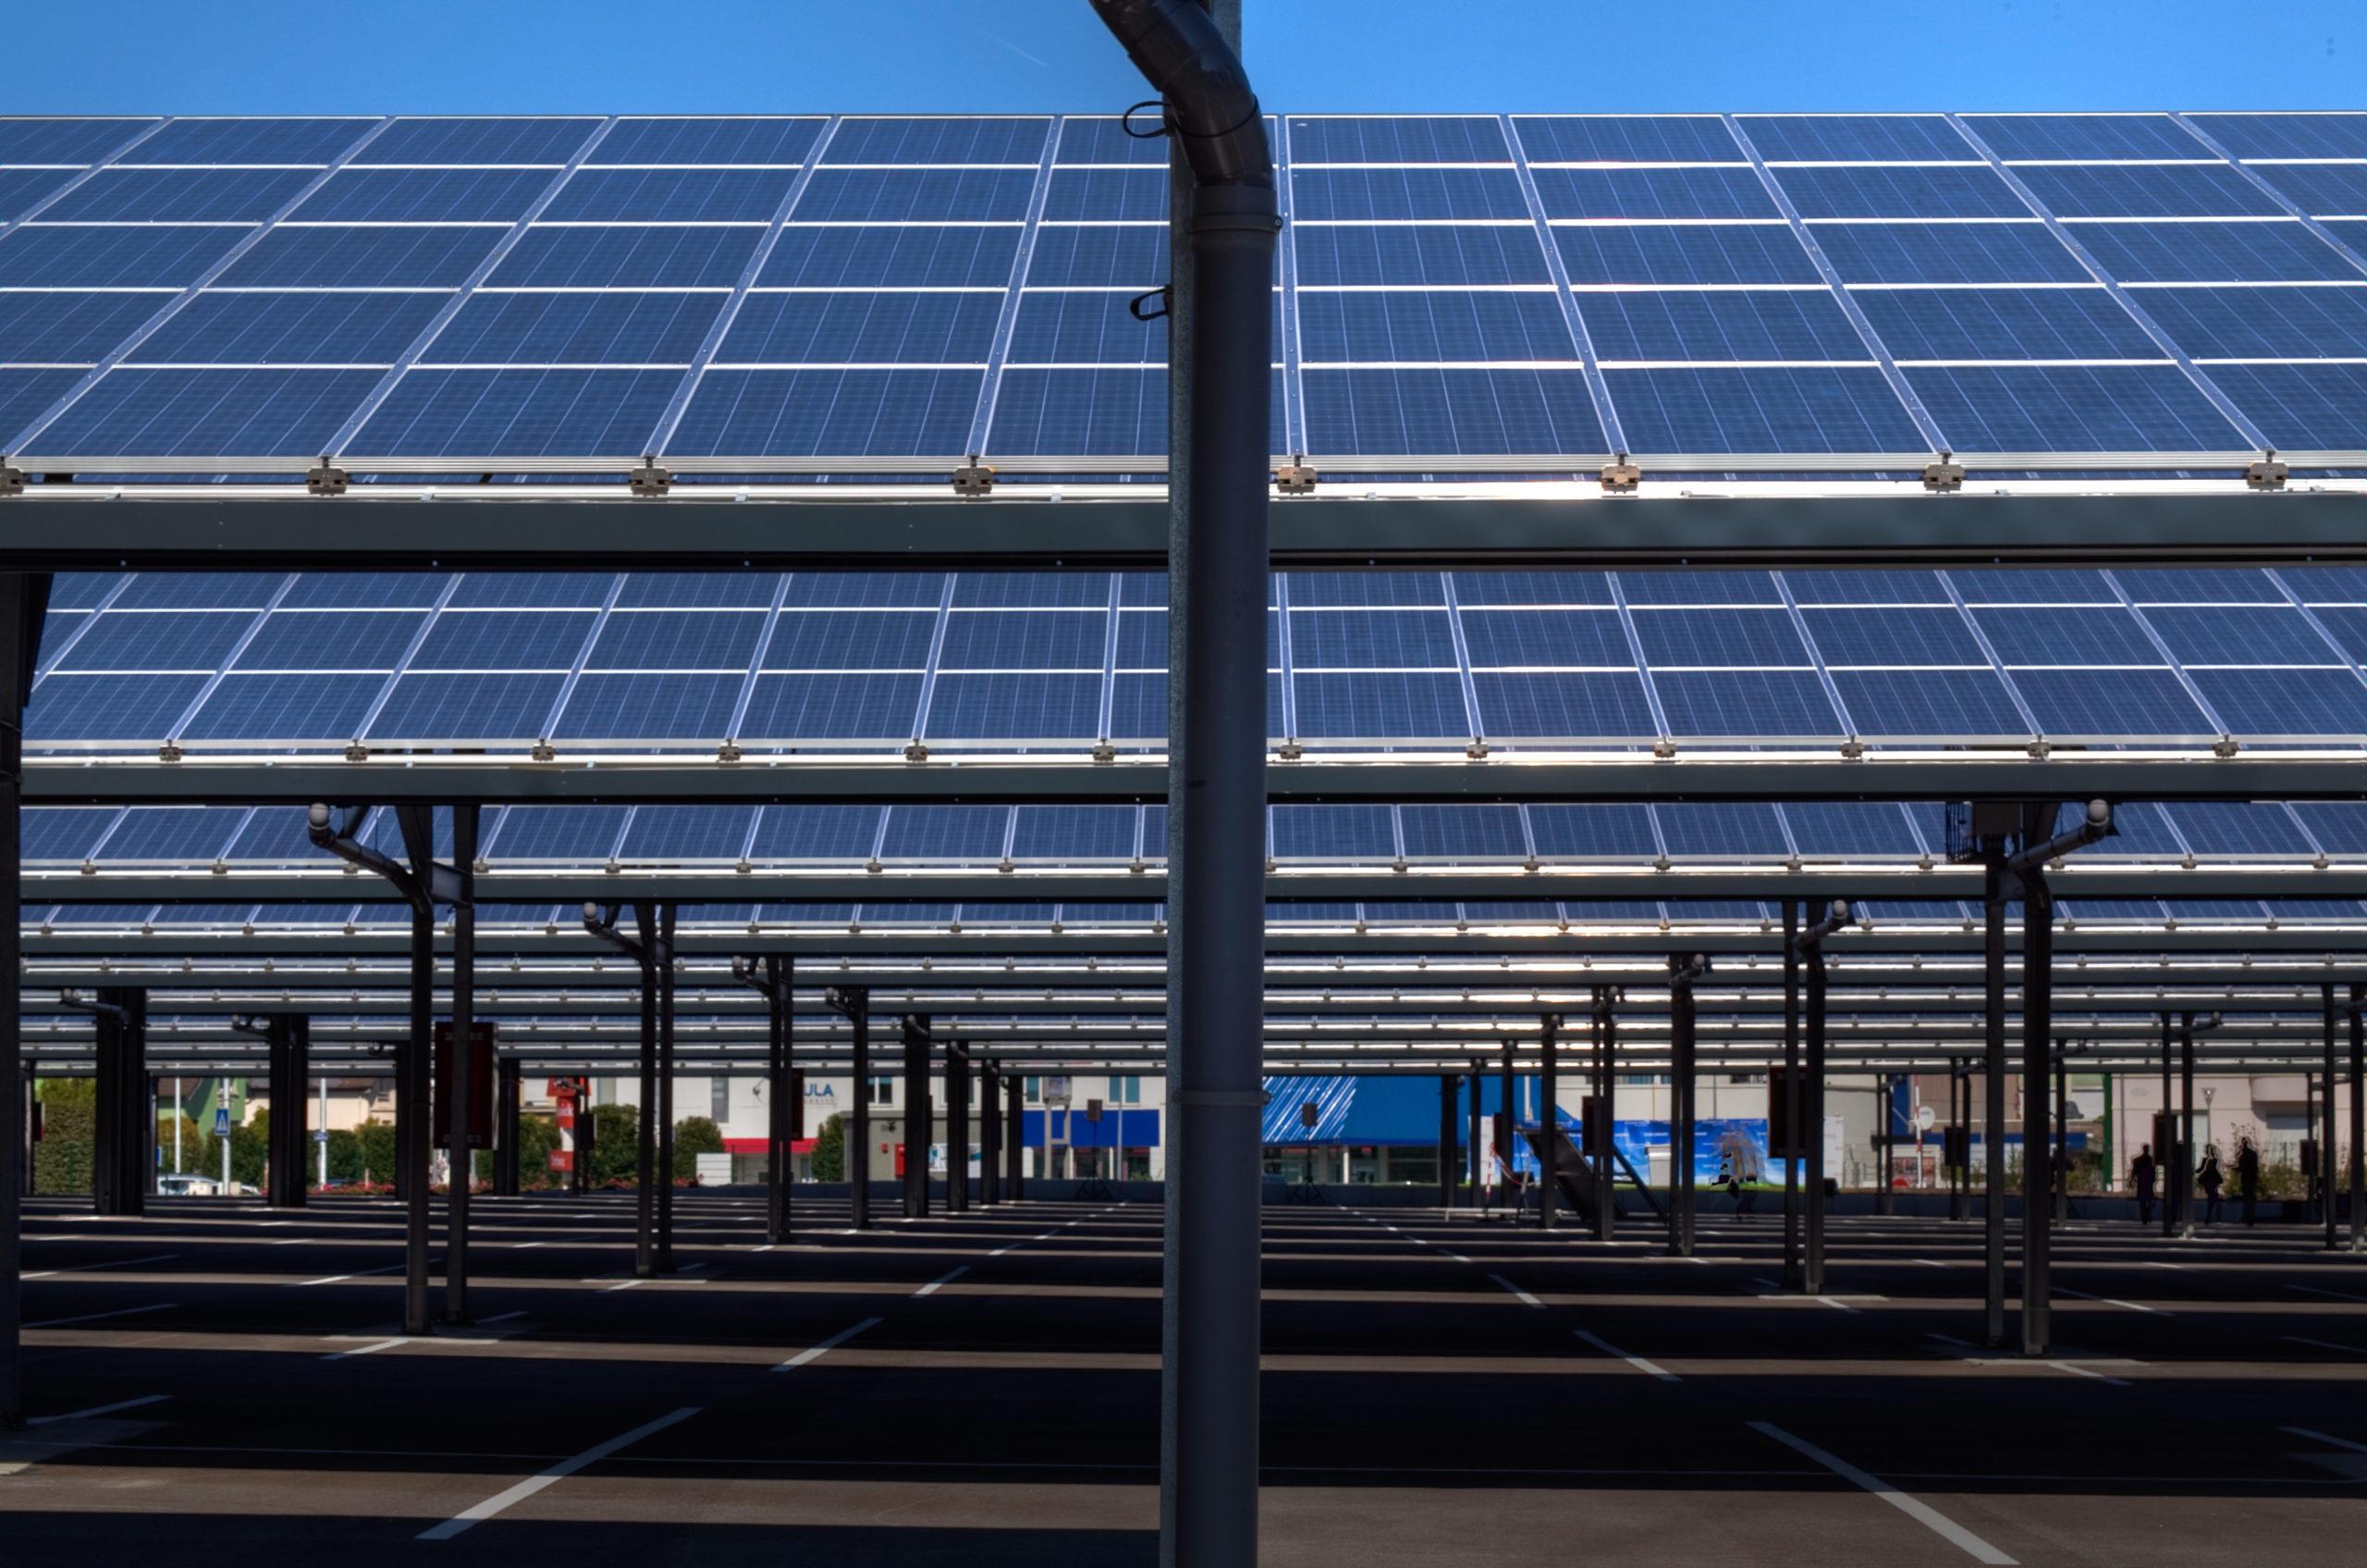 PSA installe une centrale solaire sur ses parcs d'expédition de Sochaux. En 2010, il avait installé 4800 panneaux sur un parking à proximité de l'usine. 10 fois plus de panneaux sont prévus dans le nouveau projet.